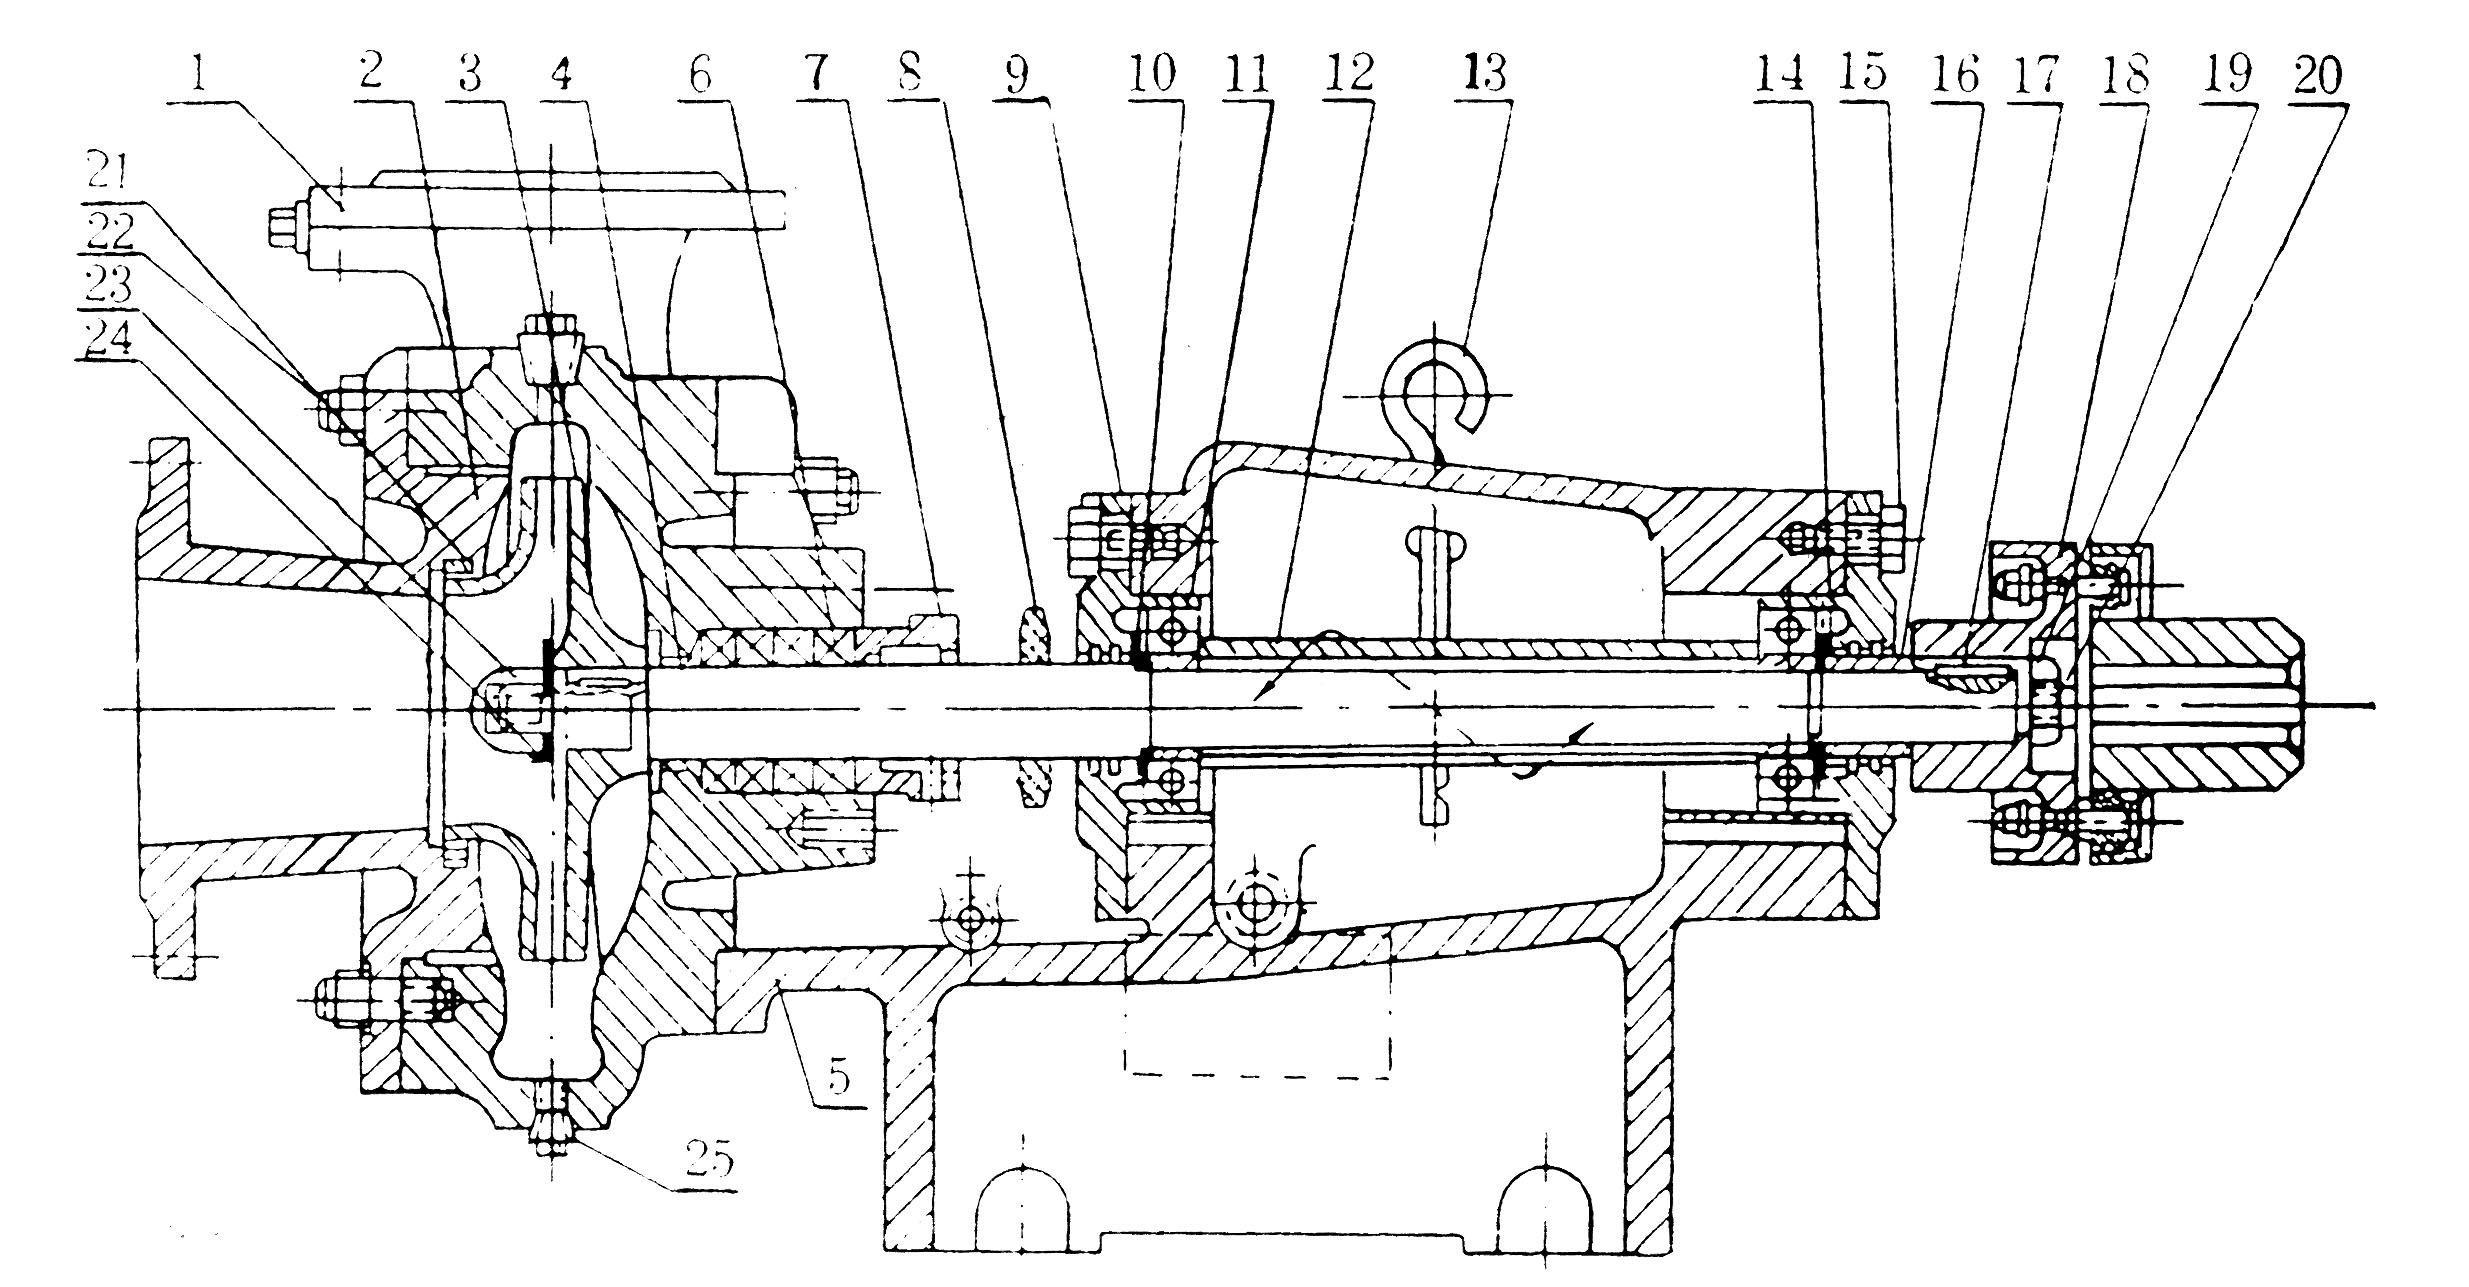 一、产品概述 BA型泵系列单级单吸悬臂式离心泵,供吸送清水及物理化学性质类似于水的液体之用。 本型泵扬程在8-93米时,流量为4.5360米3/时,液体的最高温度不得超过80,适合于工厂、矿山、城市给水和农田灌溉等用。